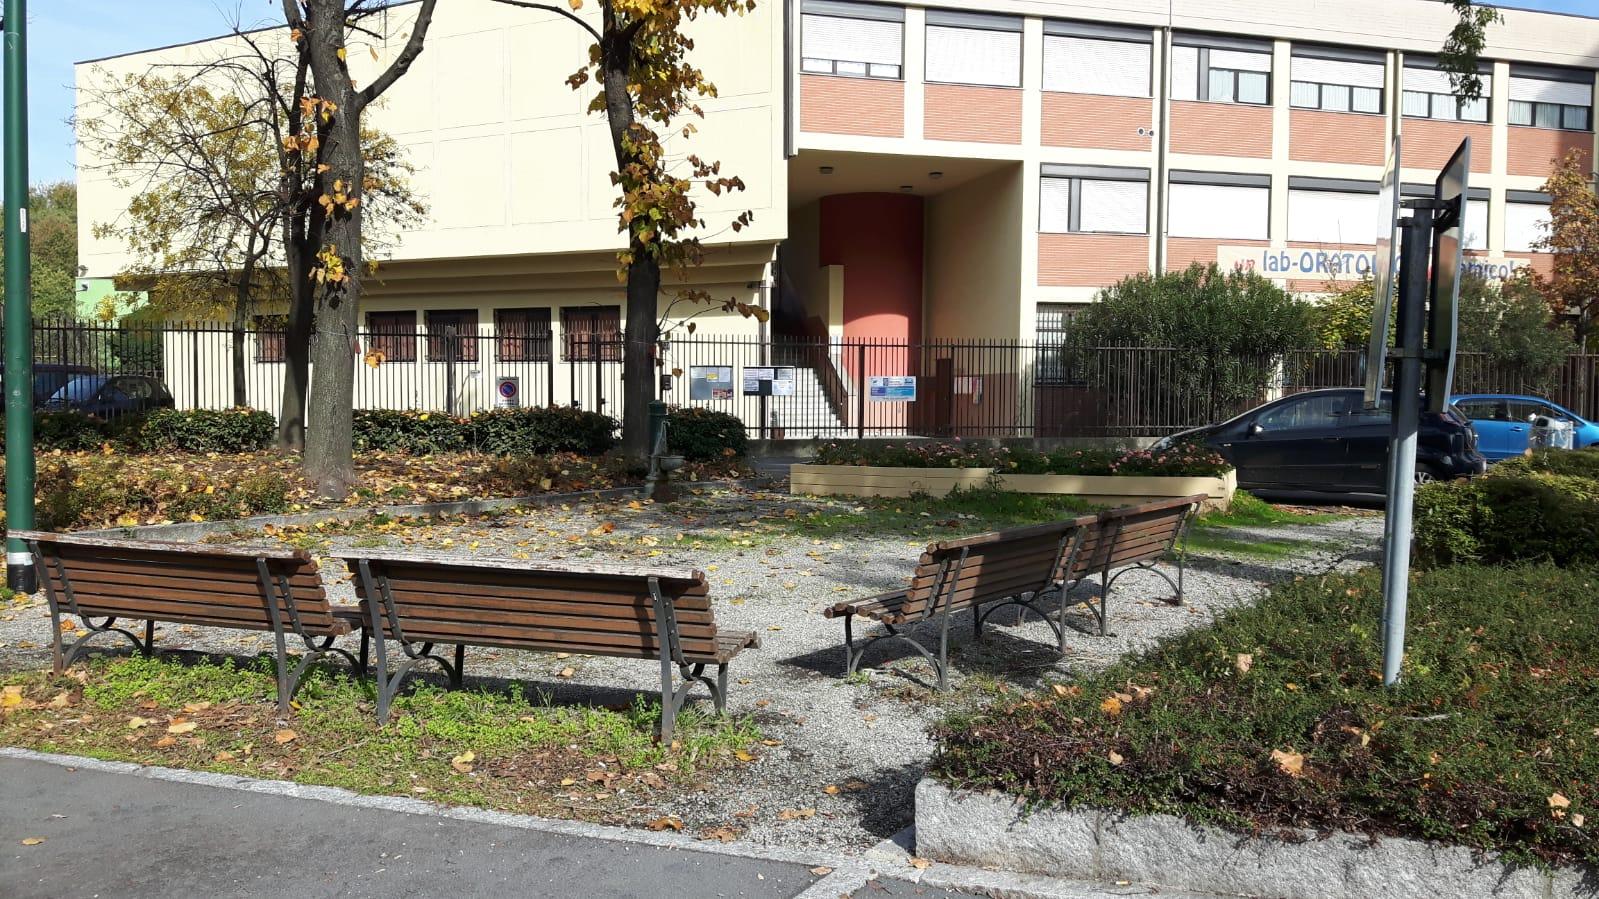 Piazzetta verde Pisa Cantore dedicata a Rita Atria2